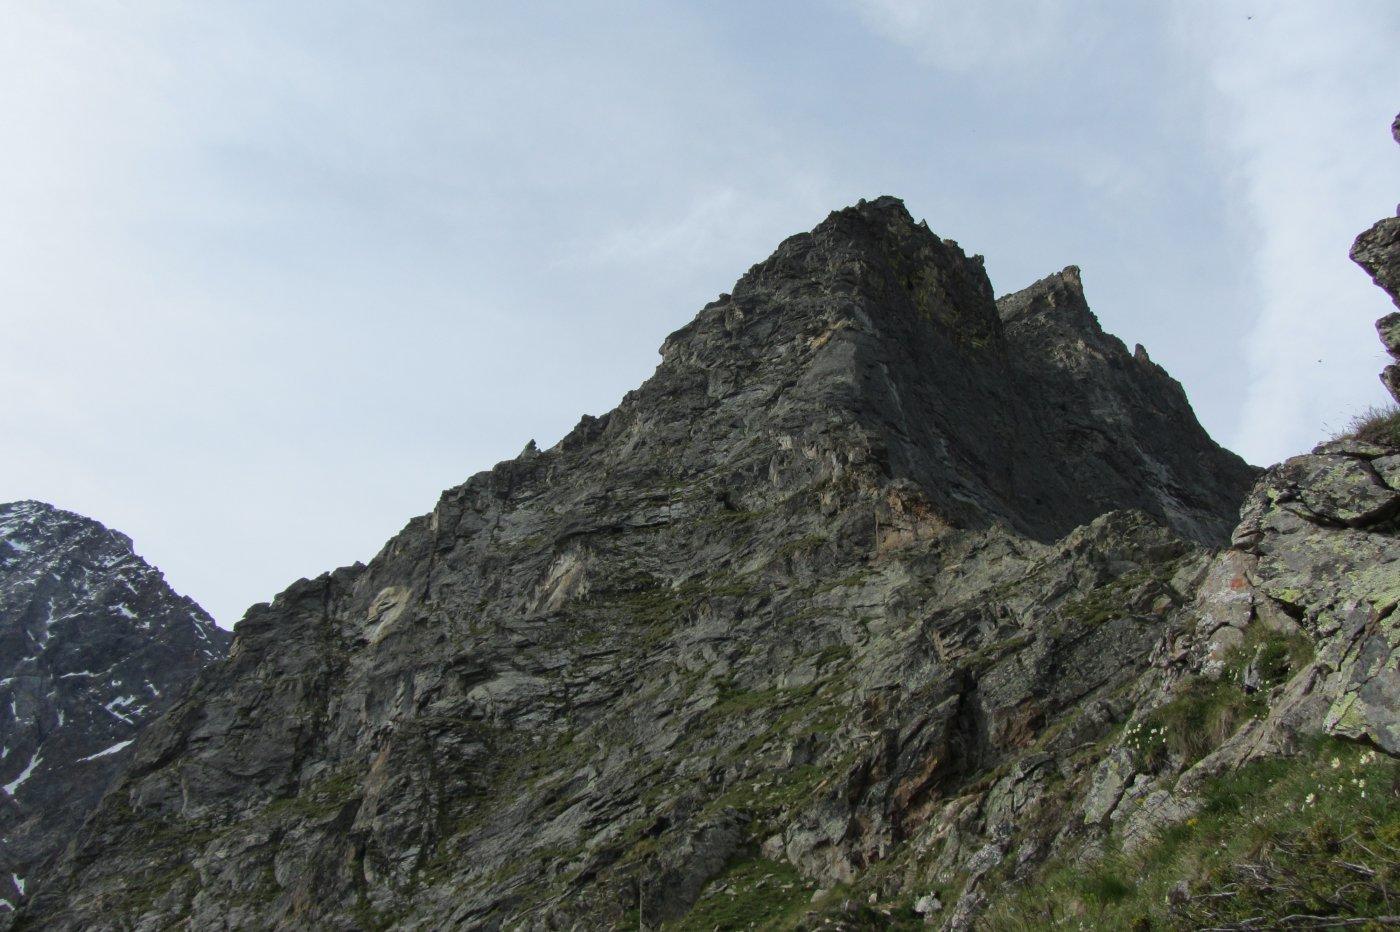 La placca iniziale di 120 metri in cui sono presenti le due varinati a destra e sinistra